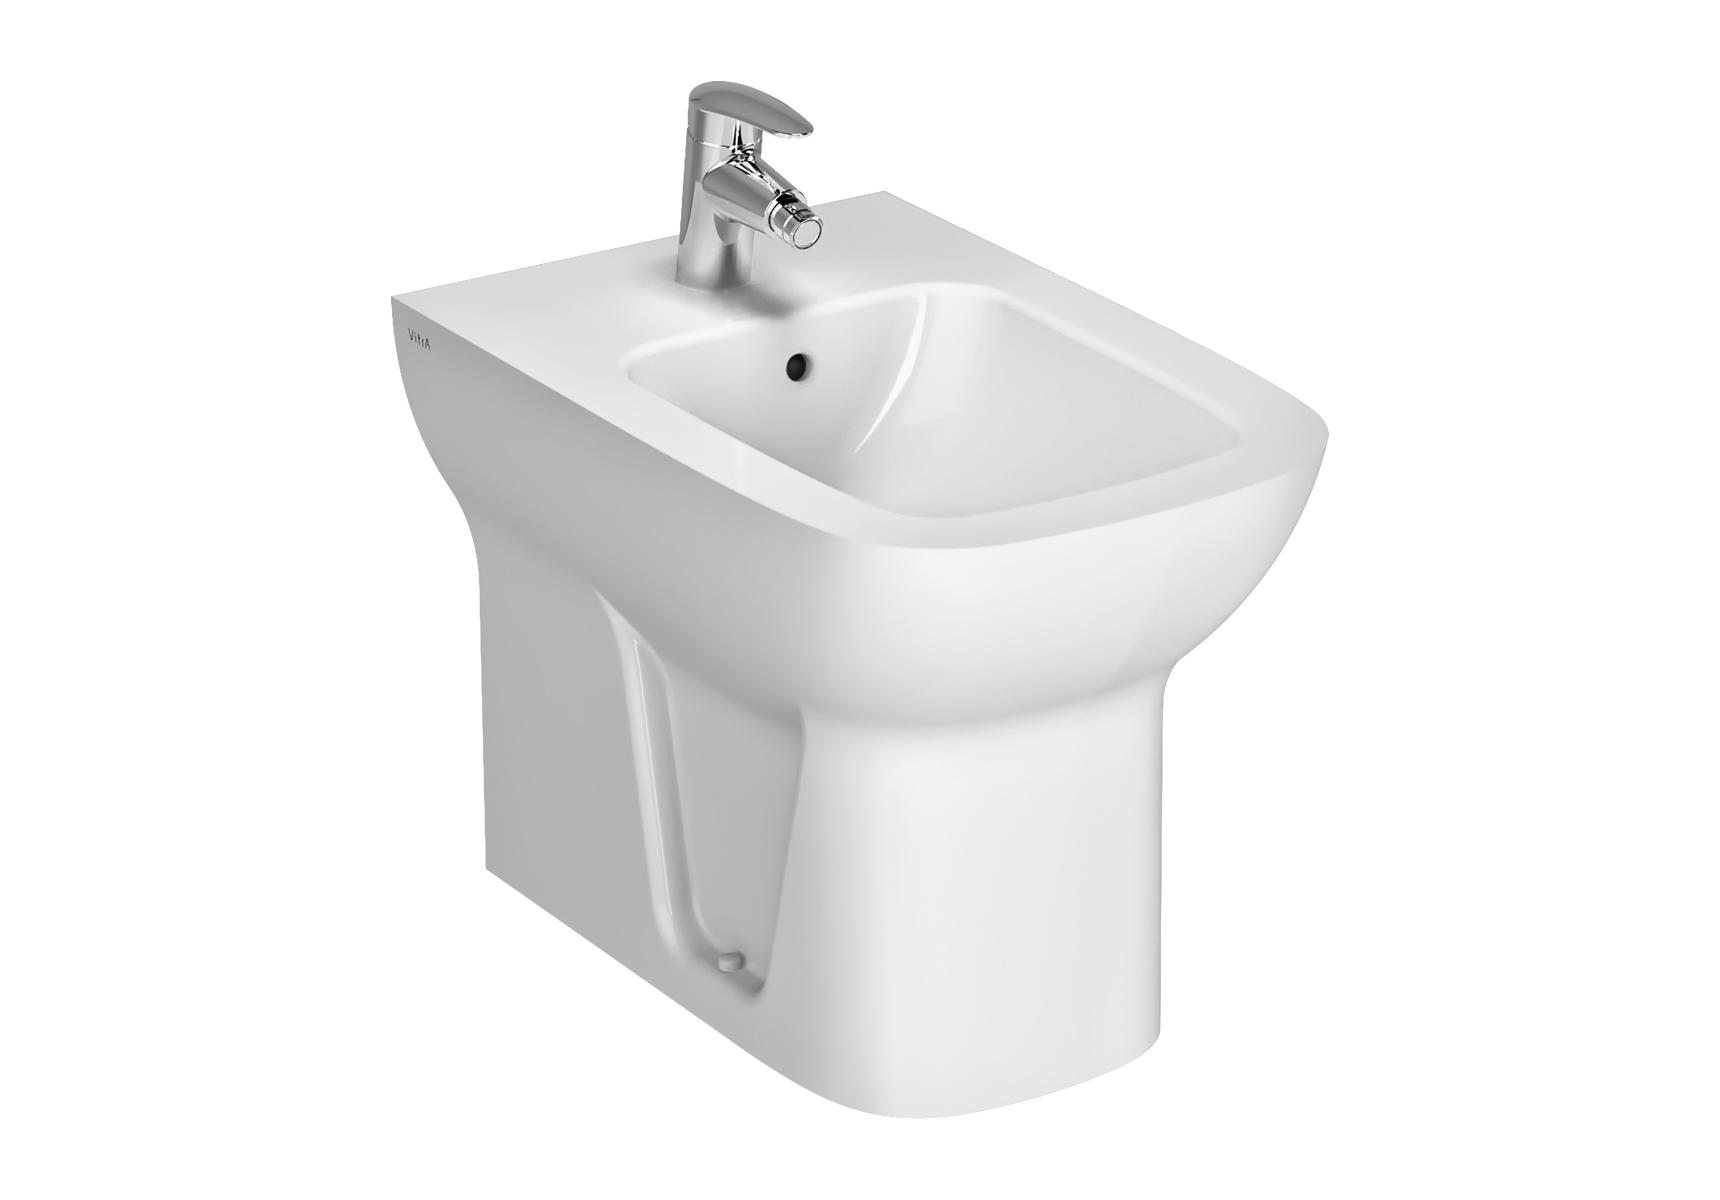 S20 bidet à poser, 54 cm, sans trous latéraux, avec trop-plein, 1 trou central, blanc